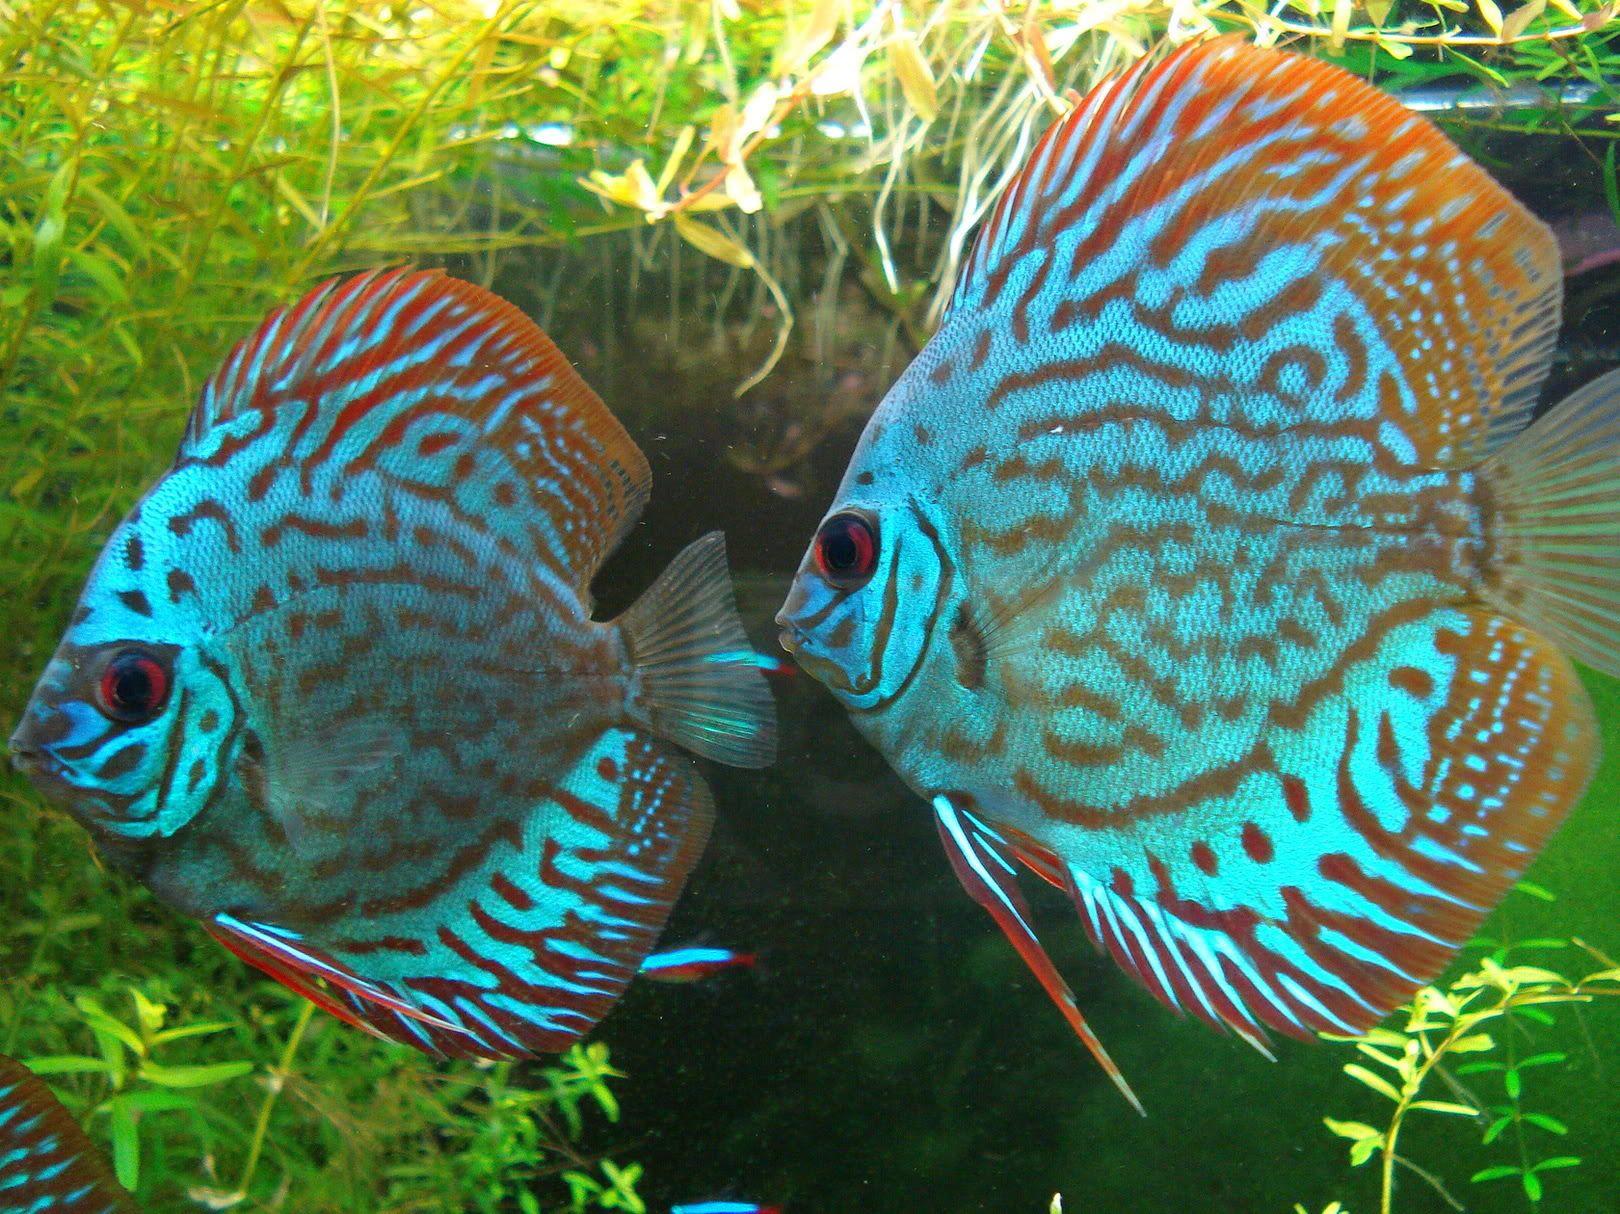 Imagen De Httpi250Photobucketcomalbumsgg266 Discus Aquariumdiscus Fishplanted